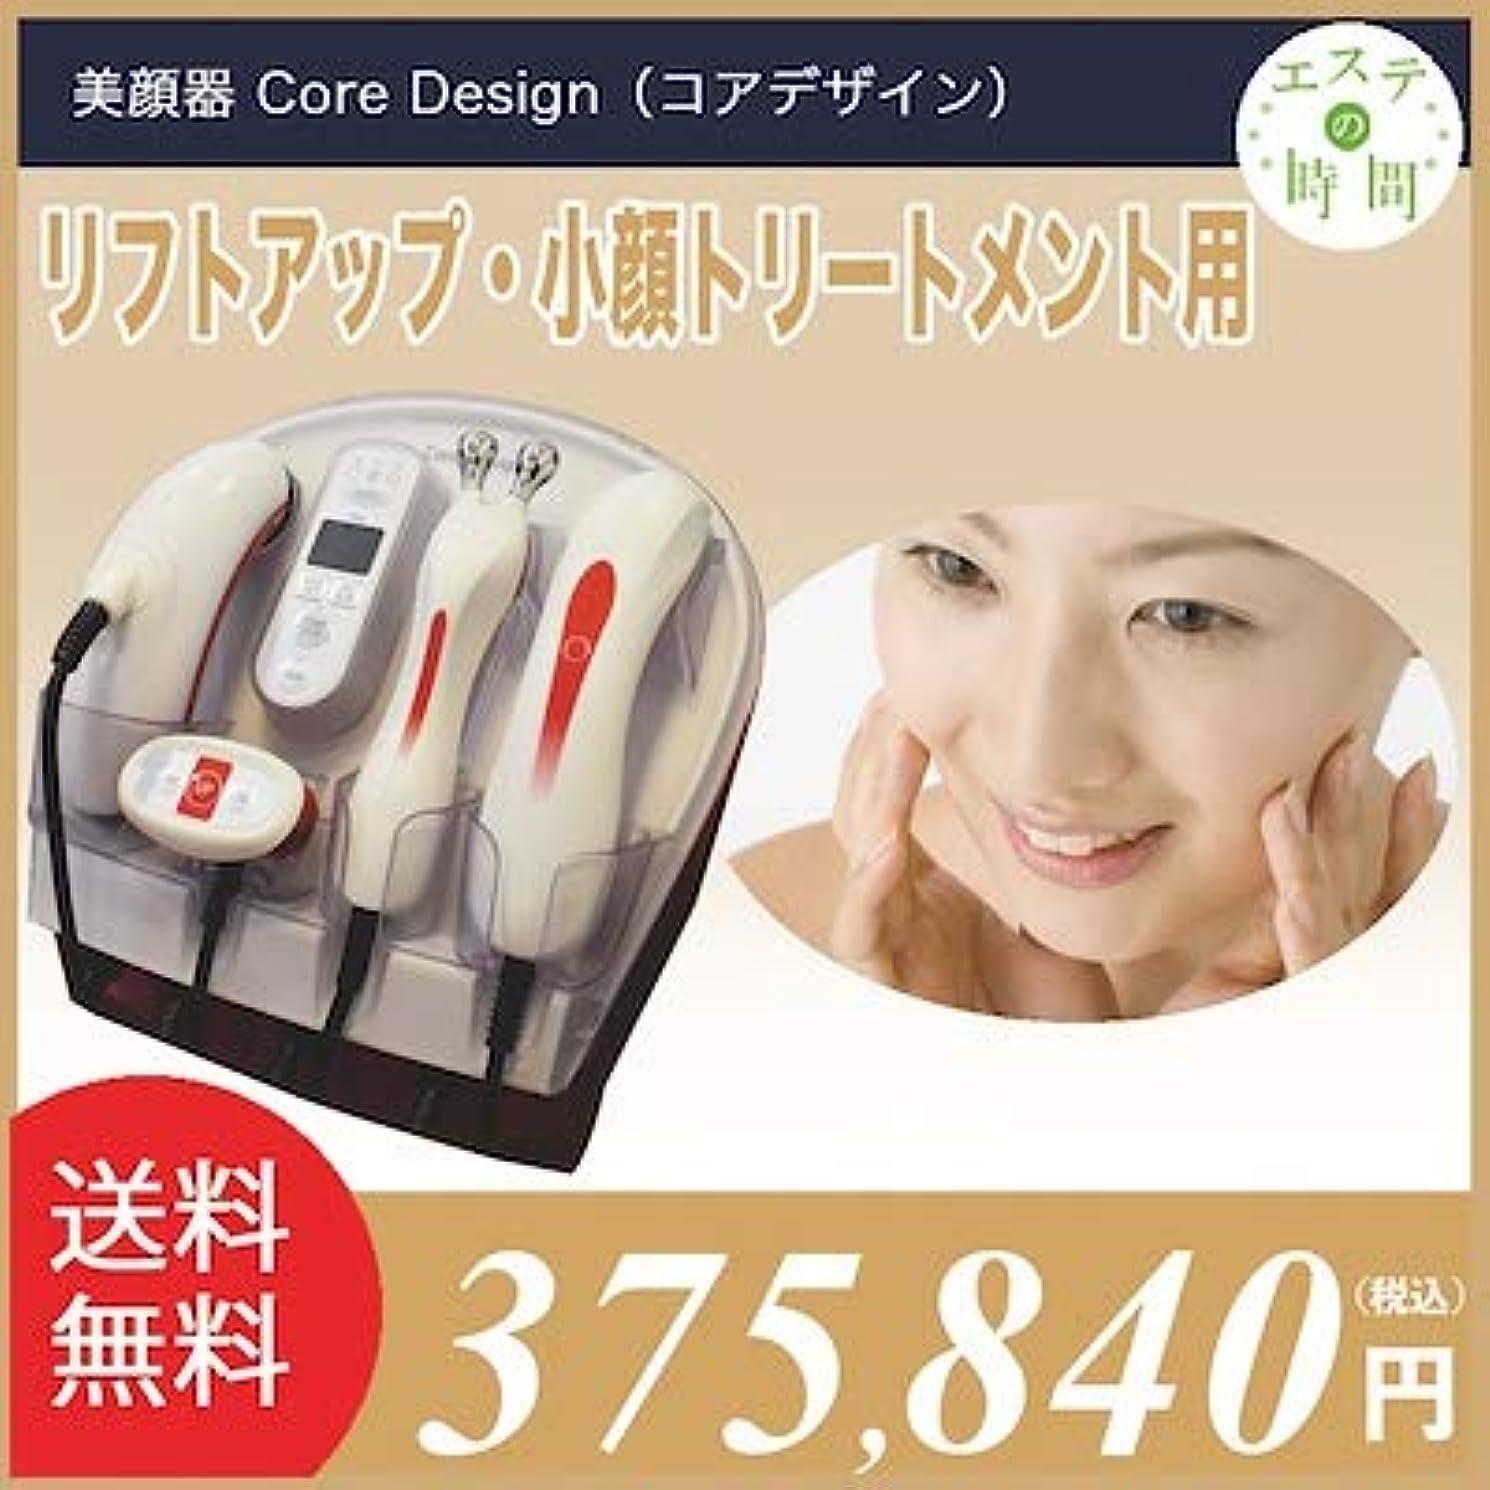 フィットママ思春期の日本製 エステ業務用 美顔器 Core Design (コアデザイン)/ 全国どこでも無償納品研修付